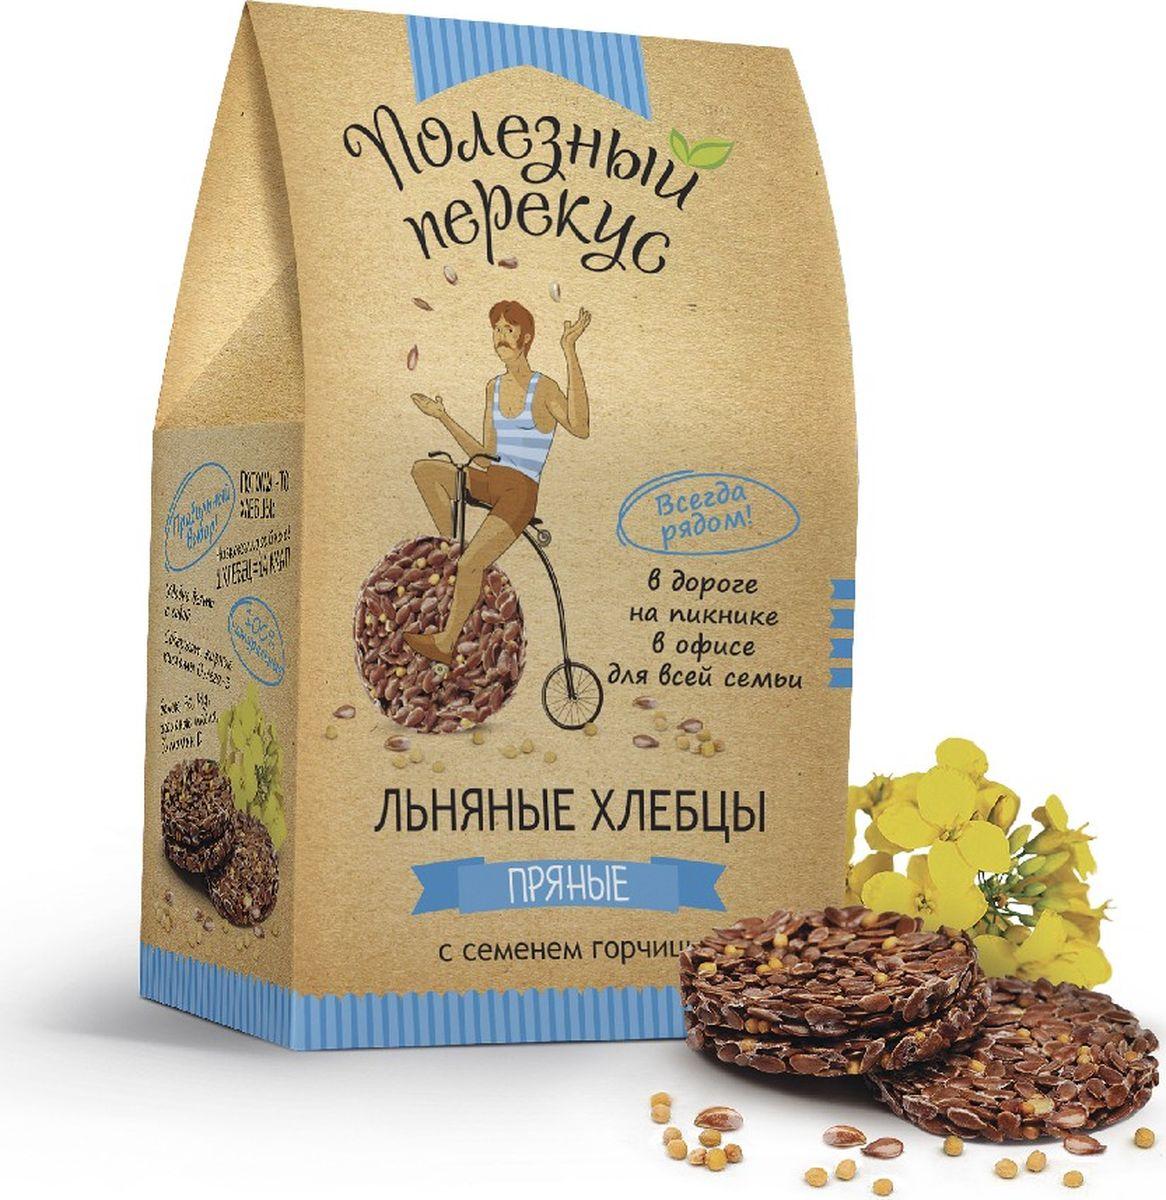 Полезный перекус Пряные хлебцы льняные с семенем горчицы, 100 г212000Льняные хлебцы - хрустящие снеки прямо с Алтайских полей! Помогут вам с пользой для здоровья утолить голод даже на ходу. Ведь льняное семя - это источник жирных Омега-3 кислот, клетчатки и растительного белка. Семена льна помогут настроить работу кишечника и тем самым нормализовать вес.Горчица - содержит витамины А и D, является антиоксидантом, улучшает аппетит и обмен веществ, что способствует обретению идеальных форм. Сочетая пользу льняных и горчичных семечек, мы создали для Вас прекрасную альтернативу быстрой еде - абсолютно натуральные льняные хлебцы на любой день и для любой ситуации.